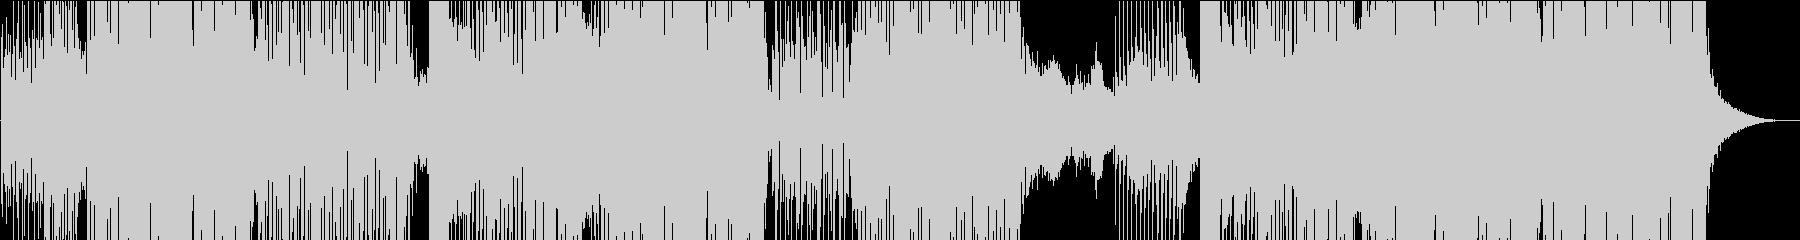 ラテン系ゆったりトロピカルEDMの未再生の波形